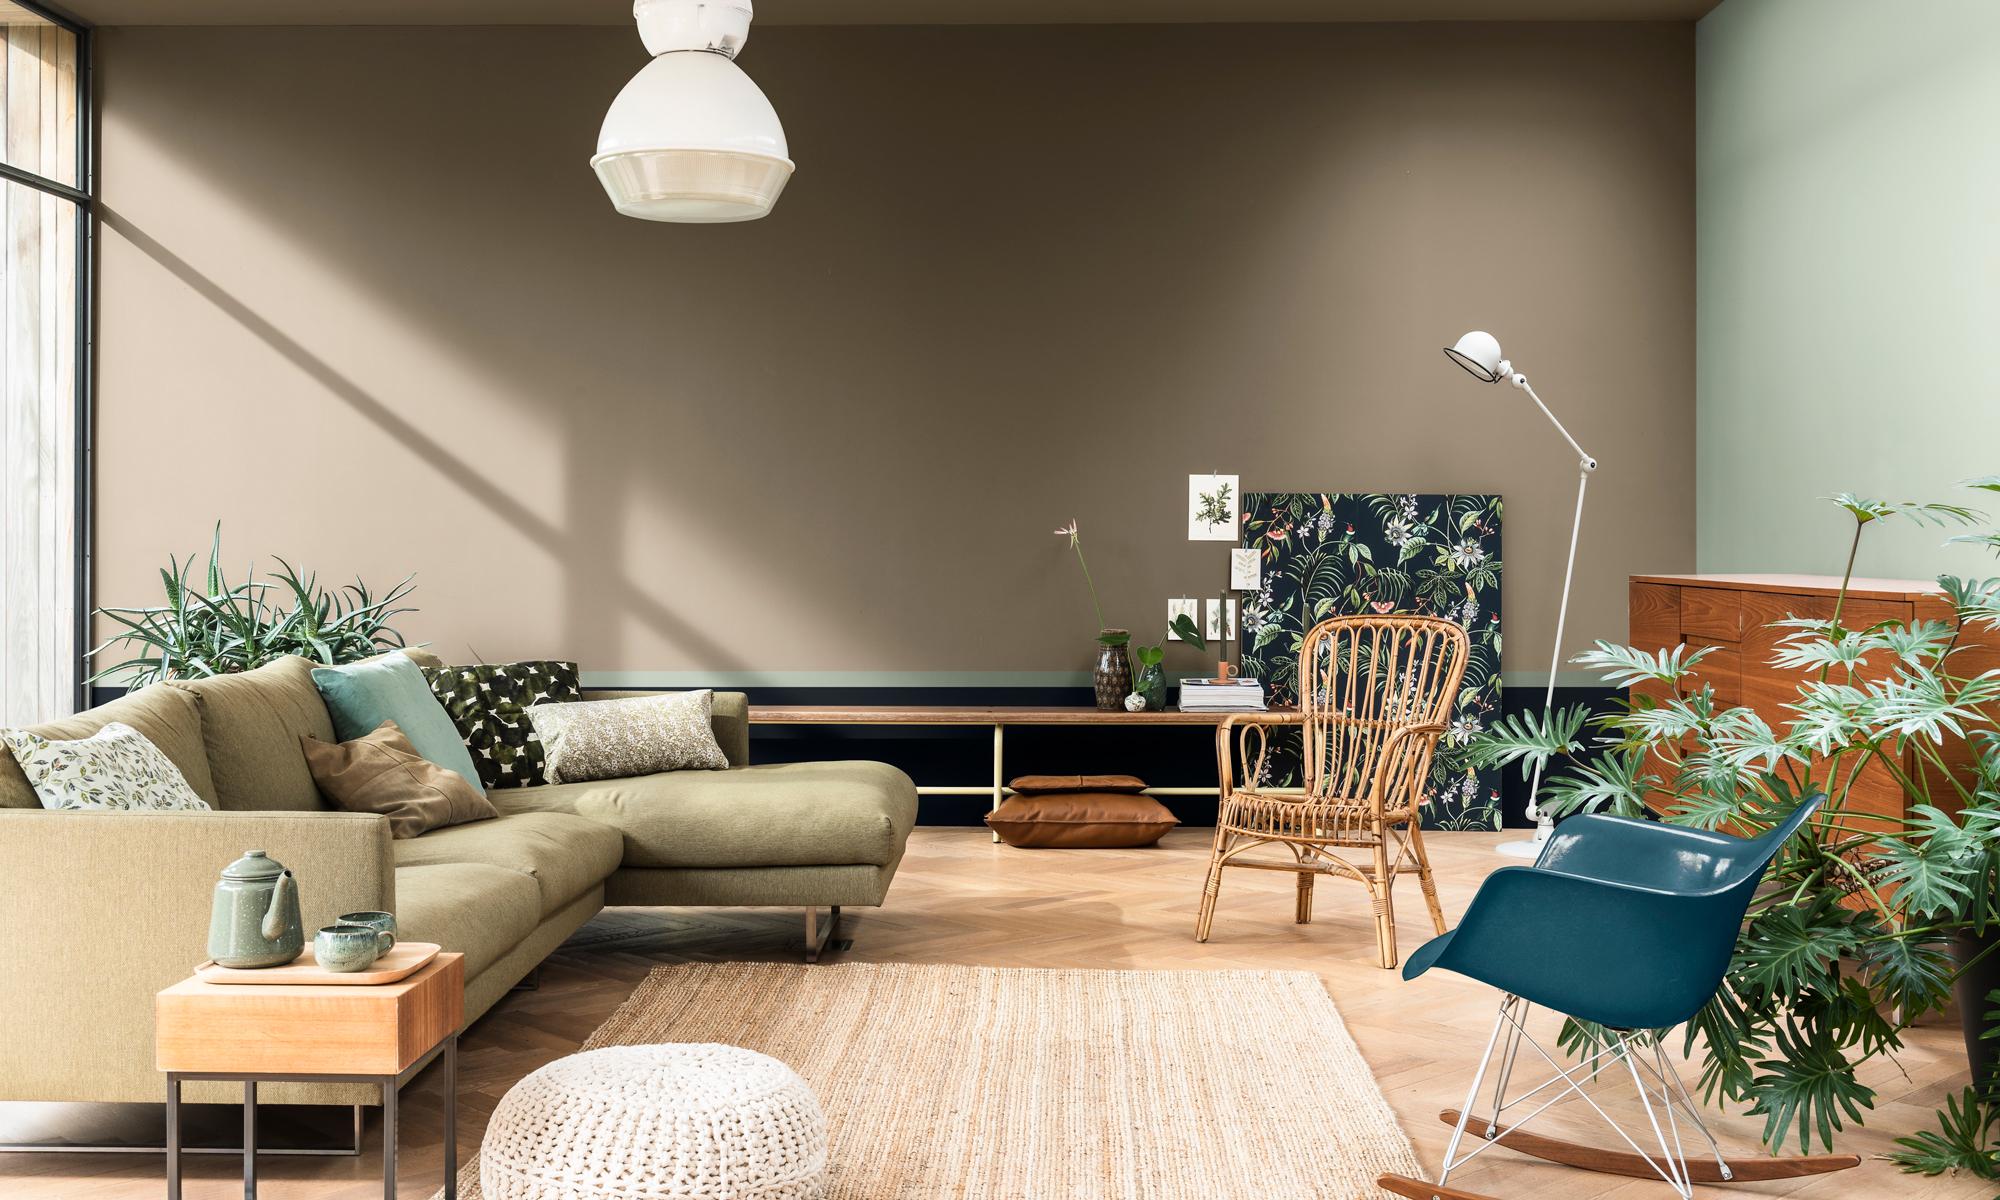 Chưa chọn được loại sơn phù hợp cho ngôi nhà bạn, gọi ngay Mái Nhà Đẹp 036 8115251